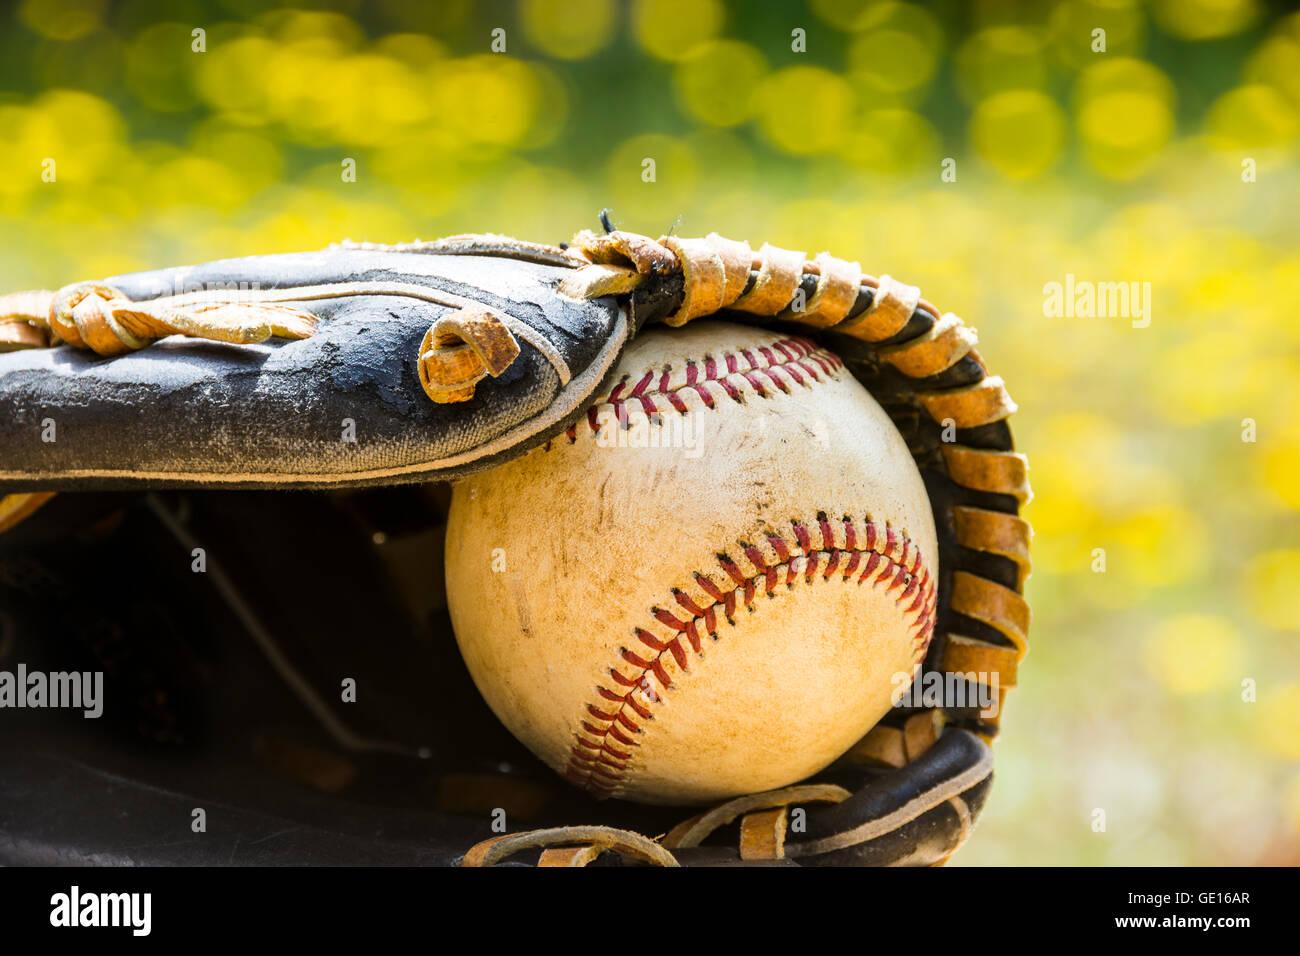 Una vieja baseball descansa dentro de un viejo guante de béisbol contra el colorido de fondo de verano. Imagen De Stock